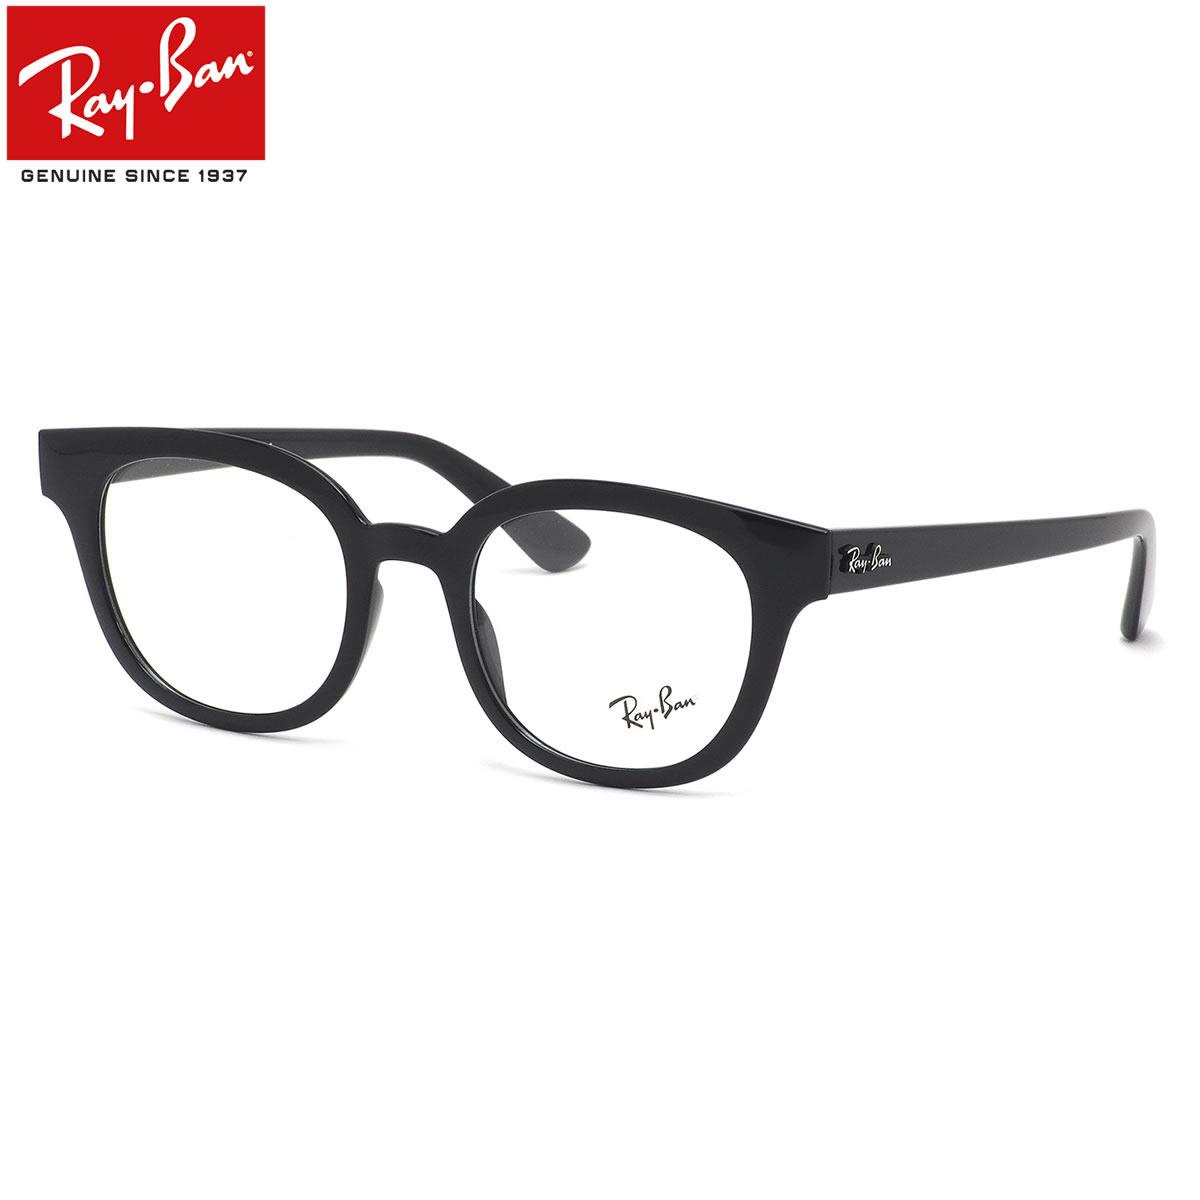 Ray-Ban レイバン メガネ RX4324VF 2000 50サイズ ボストン ボスリントン 軽量 軽い コンパクト 薄い 黒縁 メンズ レディース